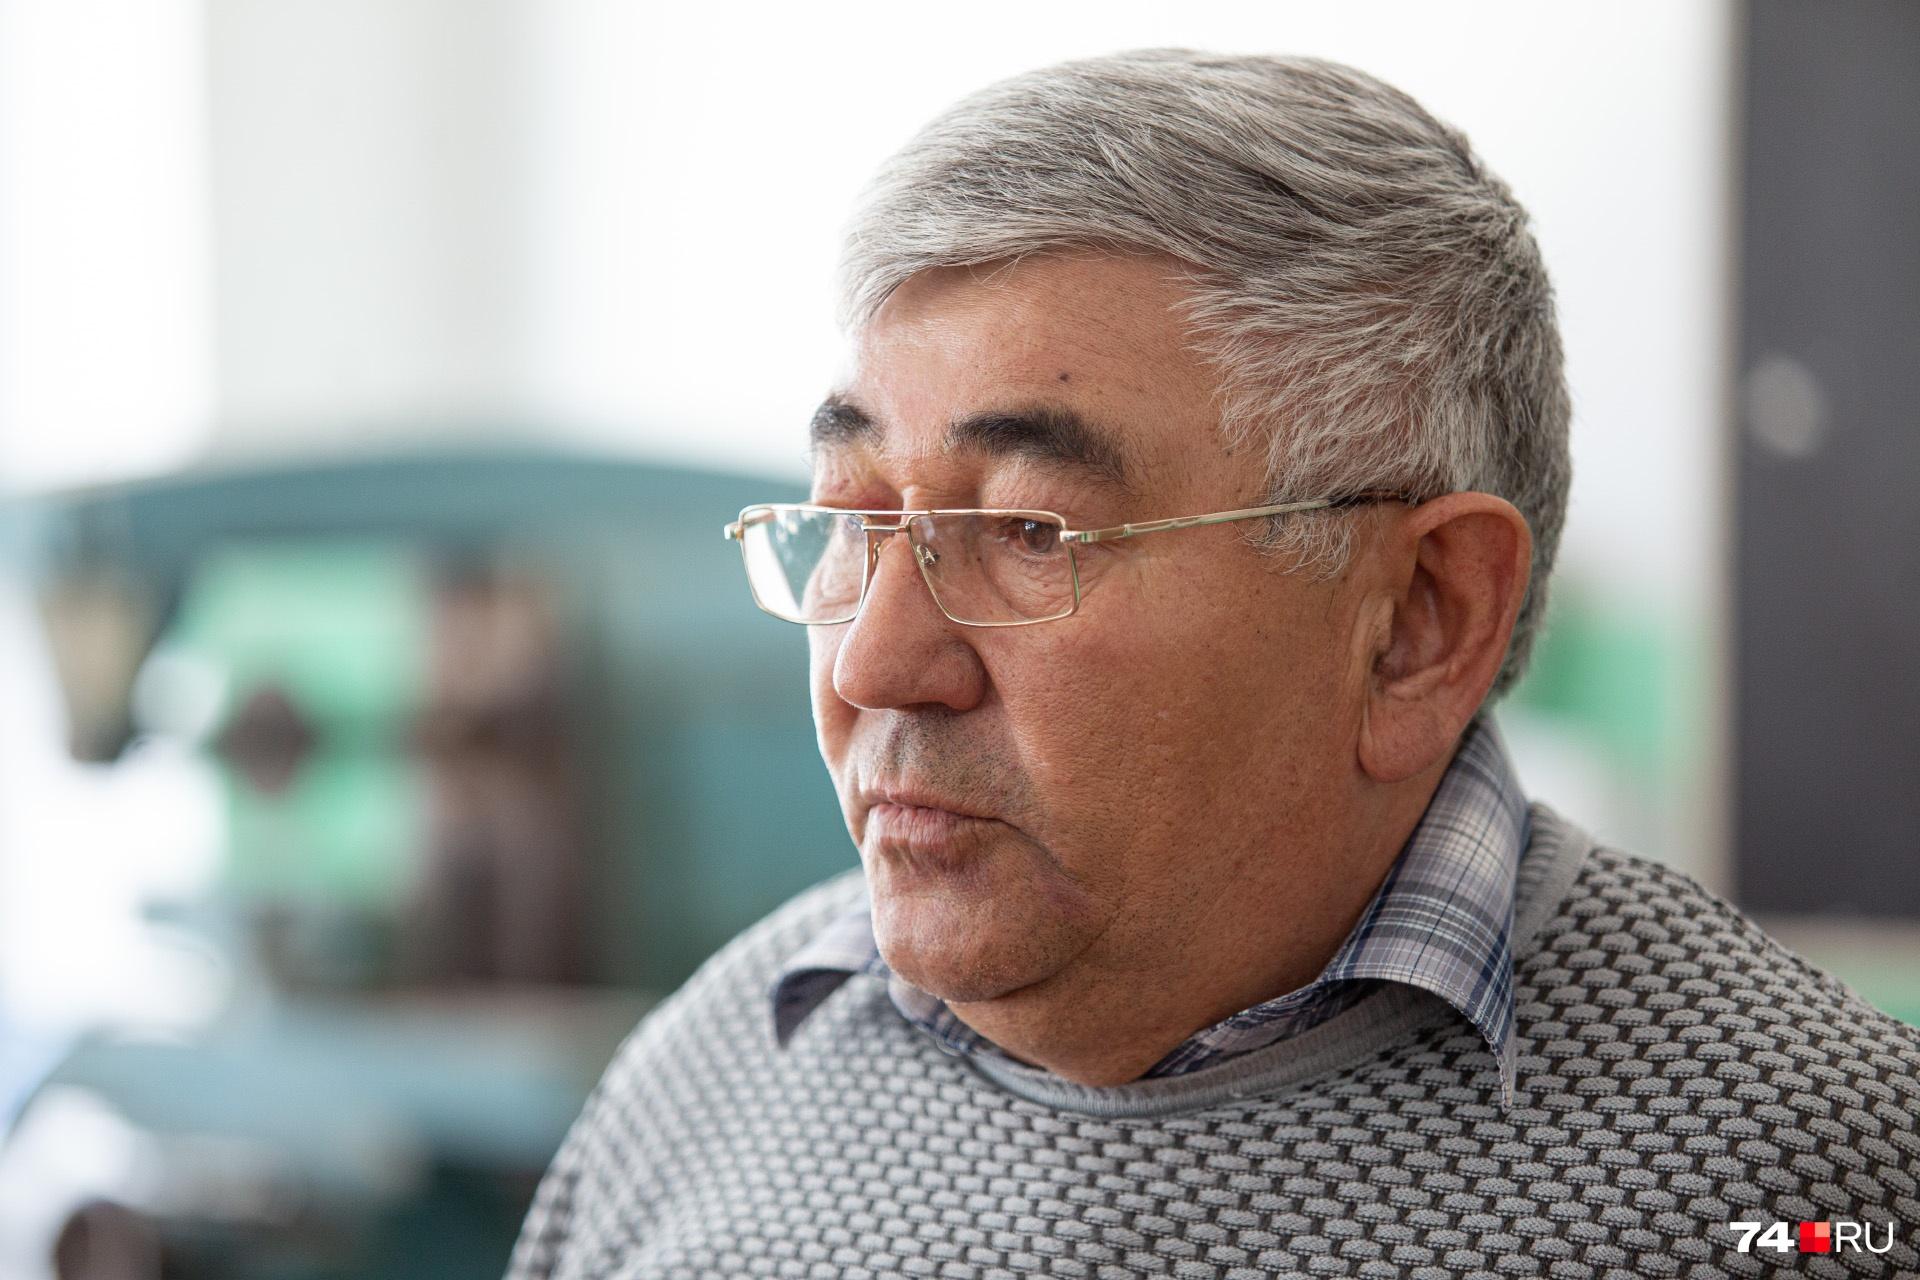 СагадейШамильевич — один из двух педагогов-мужчин в этой школе. Второй преподаёт физкультуру